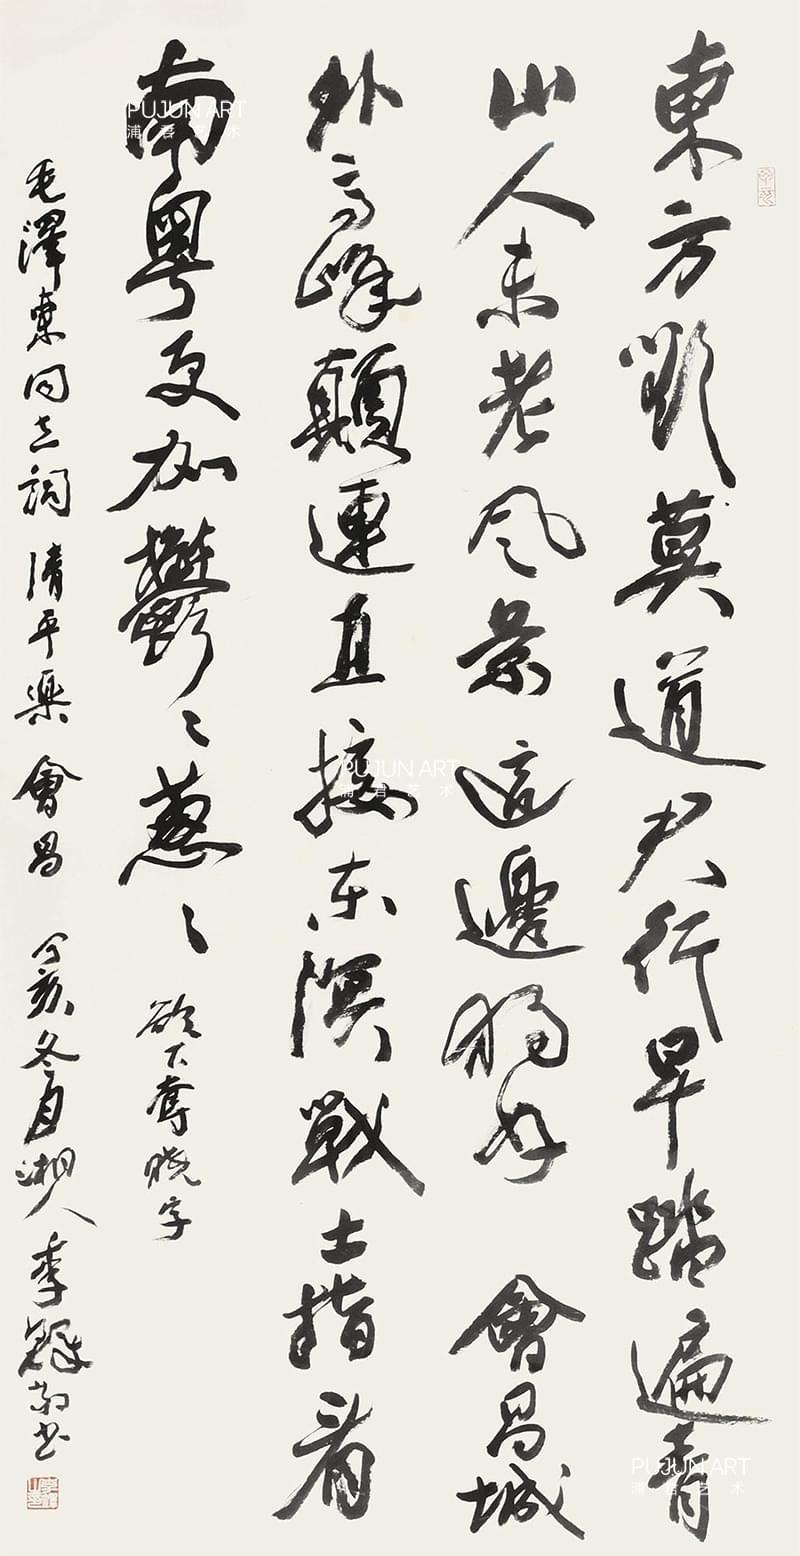 李铎书法 毛泽东 《清平乐·会昌》